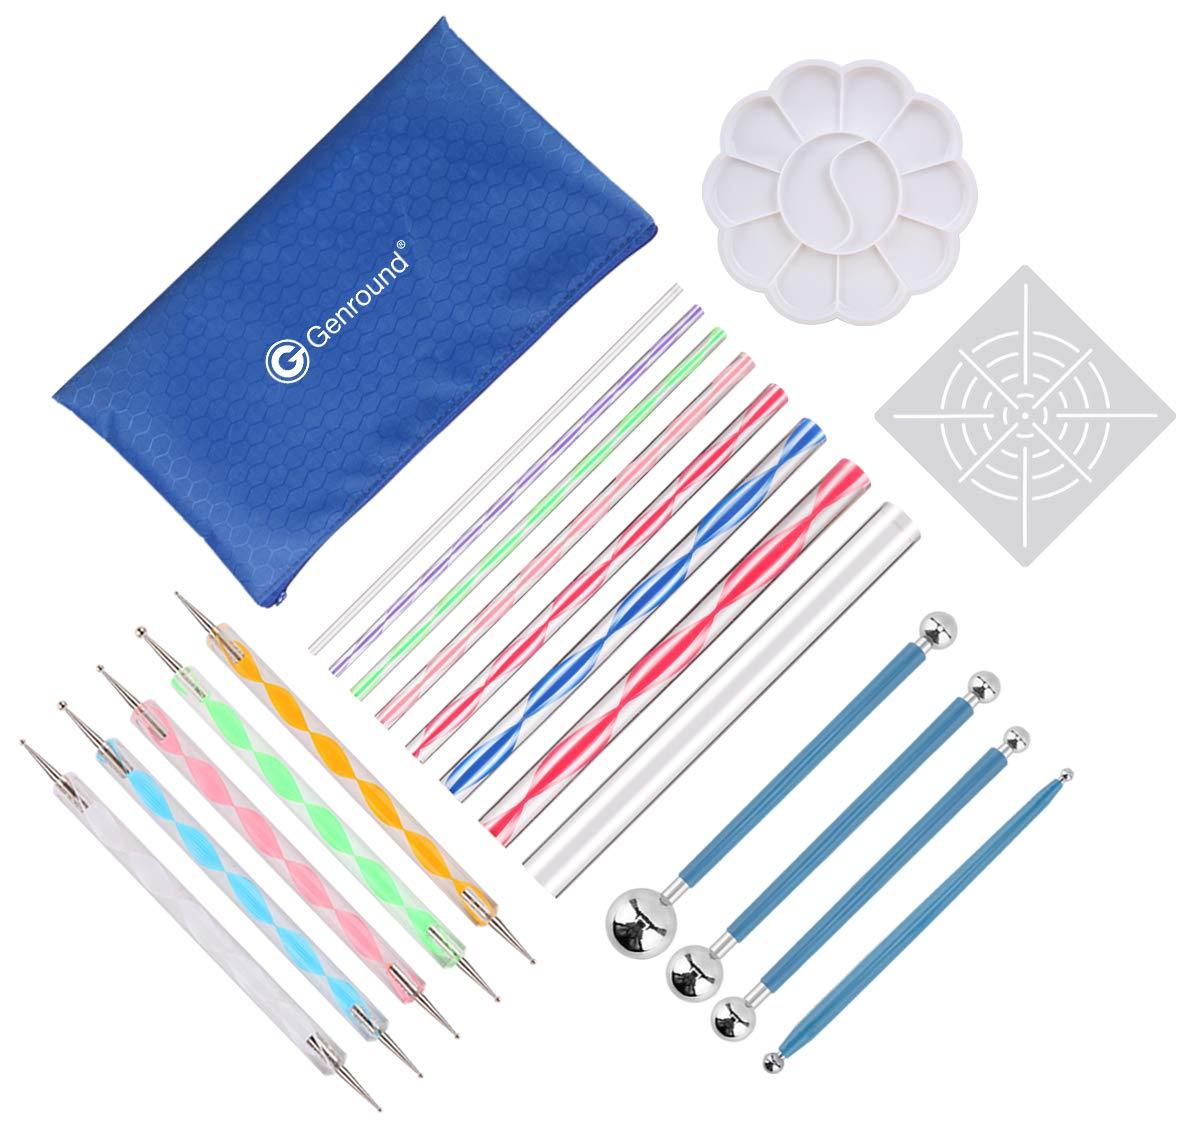 20pcs Genround Mandala che punteggia gli strumenti 4 attrezzi per stilo set di strumenti che punteggia larte 1stencil di mandala +1 pallet per pittura 8 aste acriliche 5 penne che punteggiano